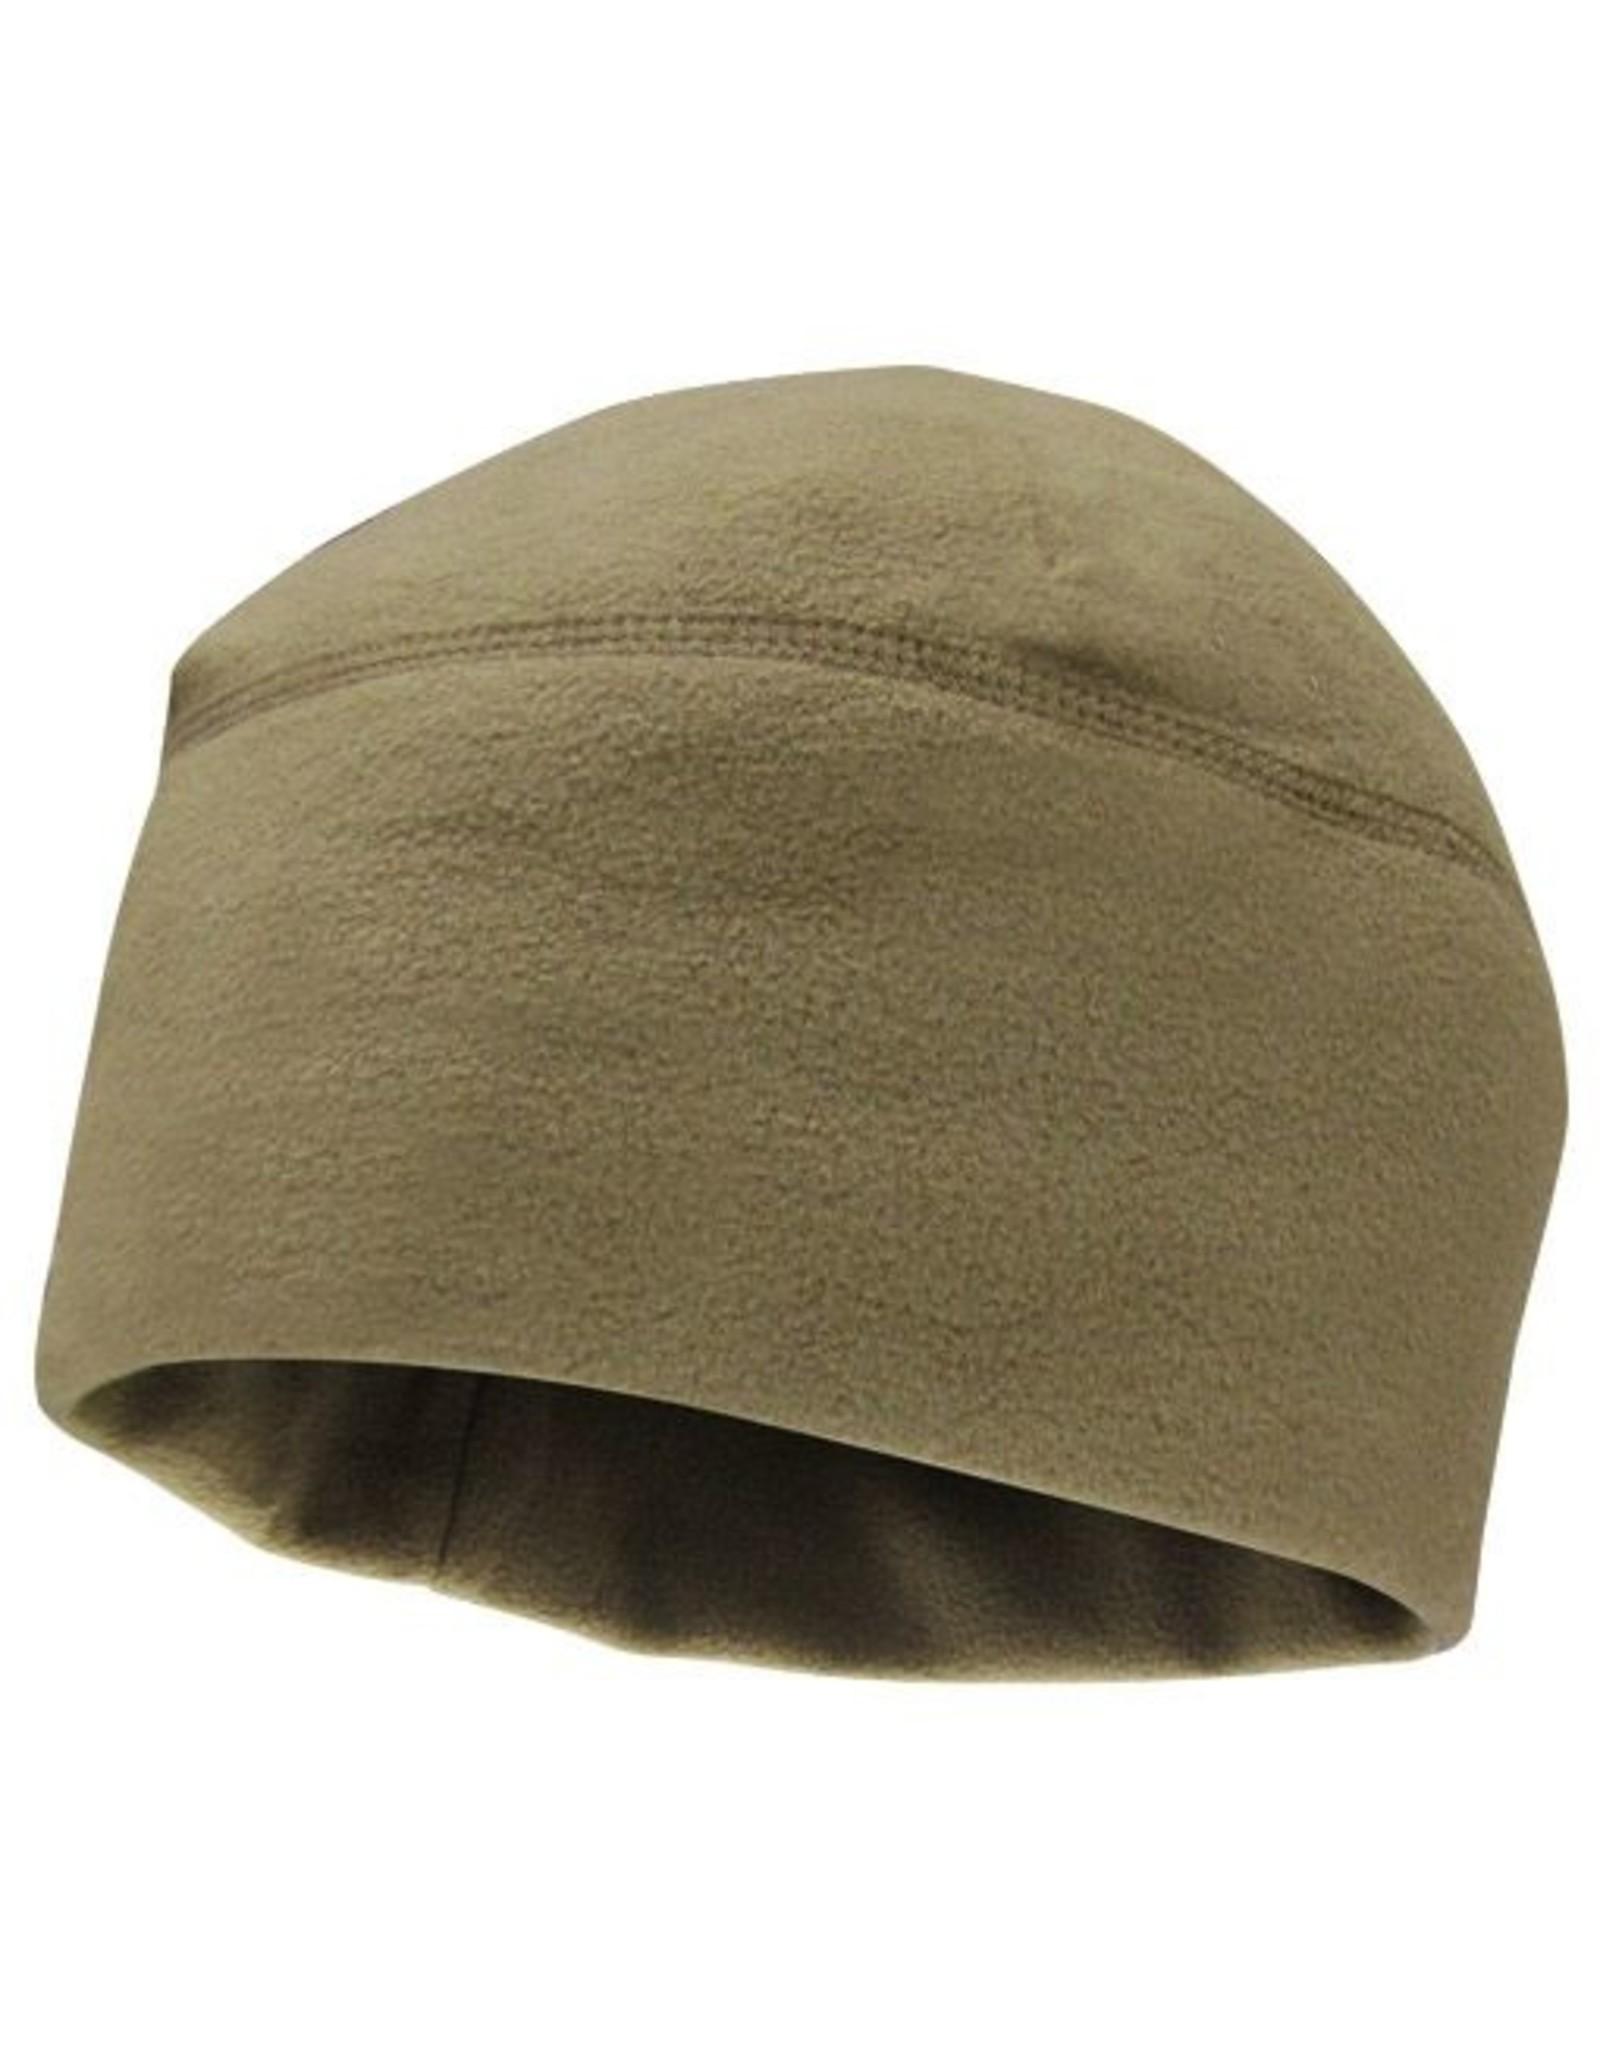 CONDOR TACTICAL CONDOR WATCH CAP COYOTE BROWN